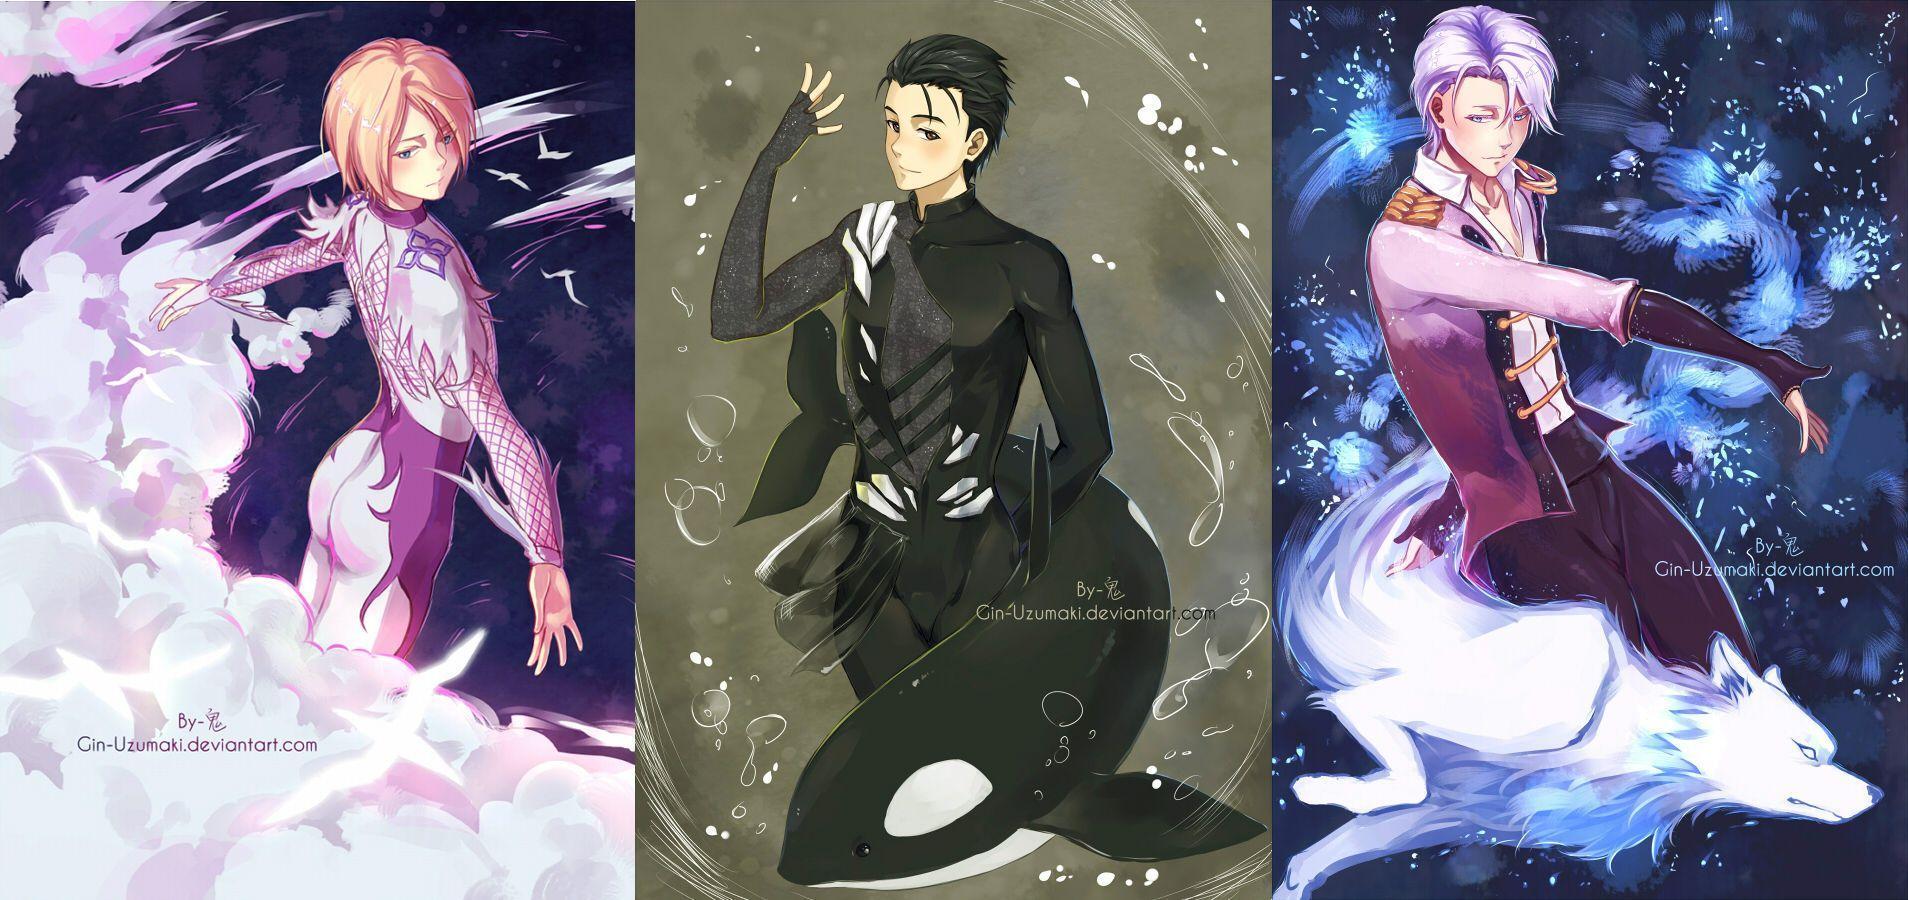 Yuri On Ice Yurio Wallpaper - Singebloggg